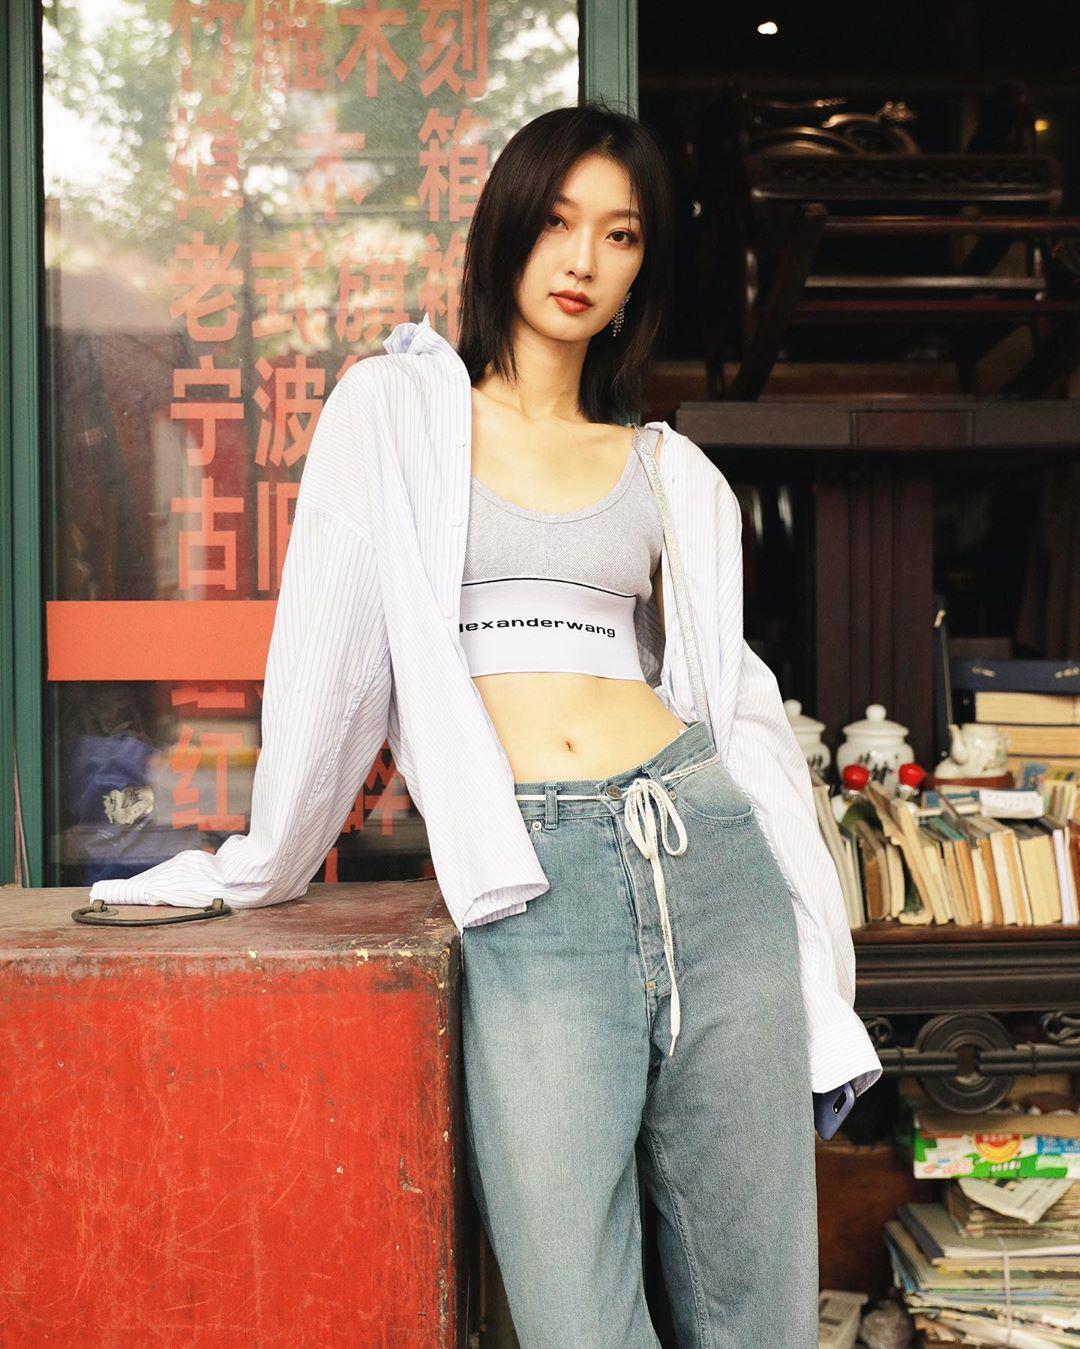 Phối đồ phong cách streetwear với áo bra thể thao, quần jeans rộng